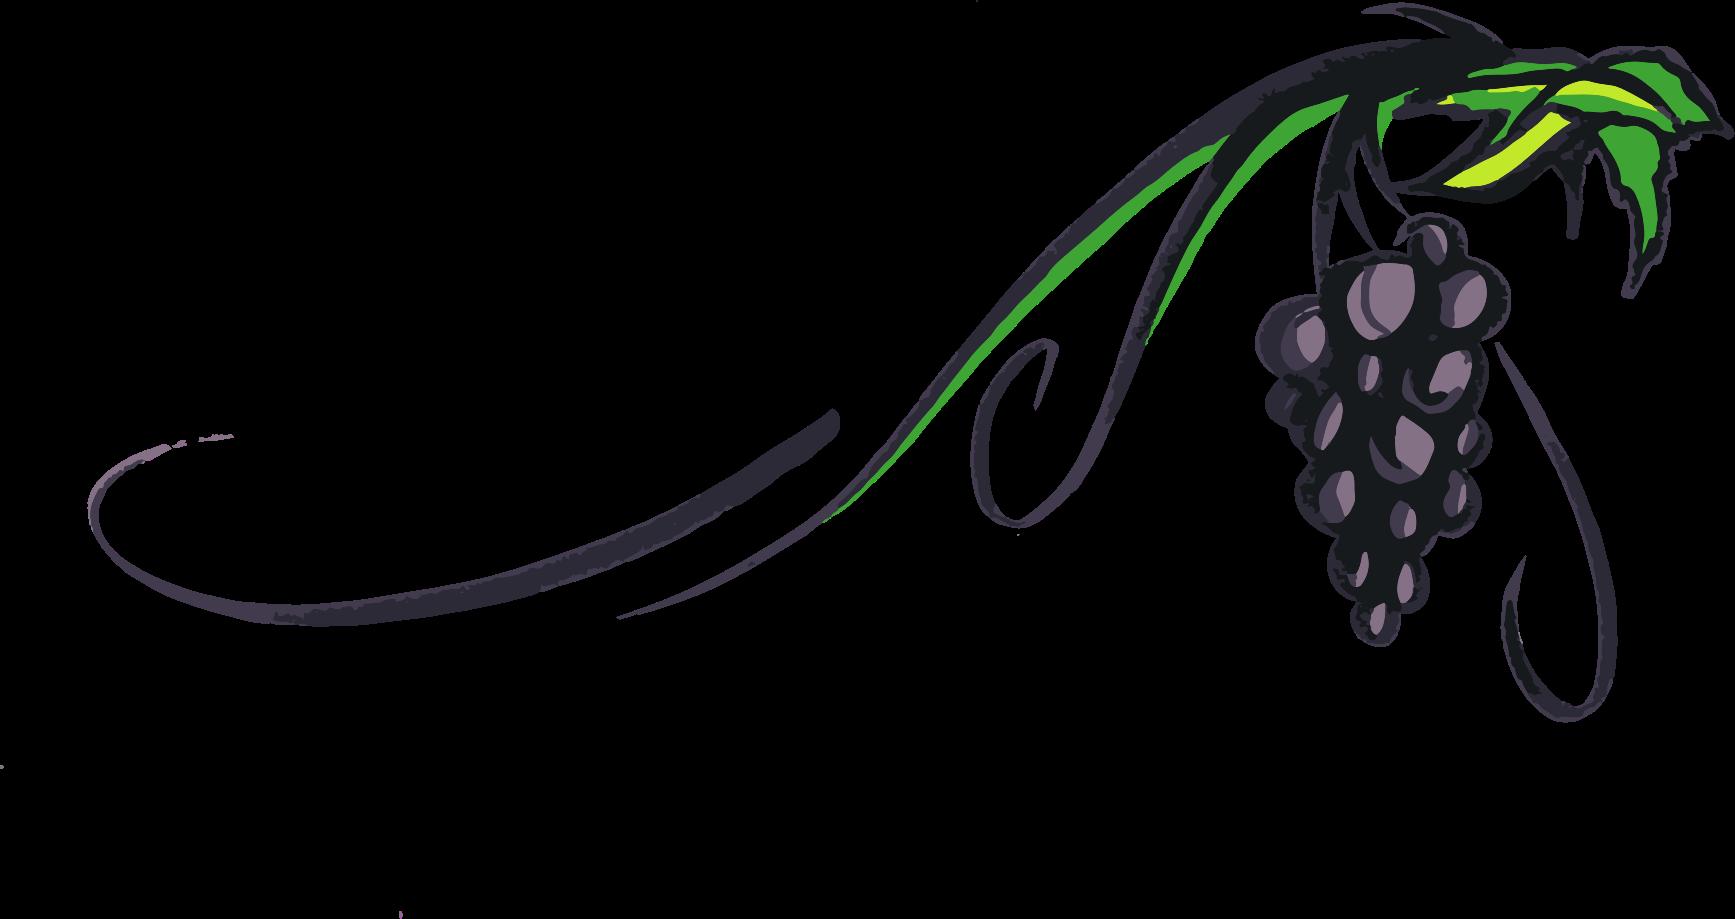 clipart raseone grape vine rh openclipart org grapevine pictures clip art grapevine clip art free download